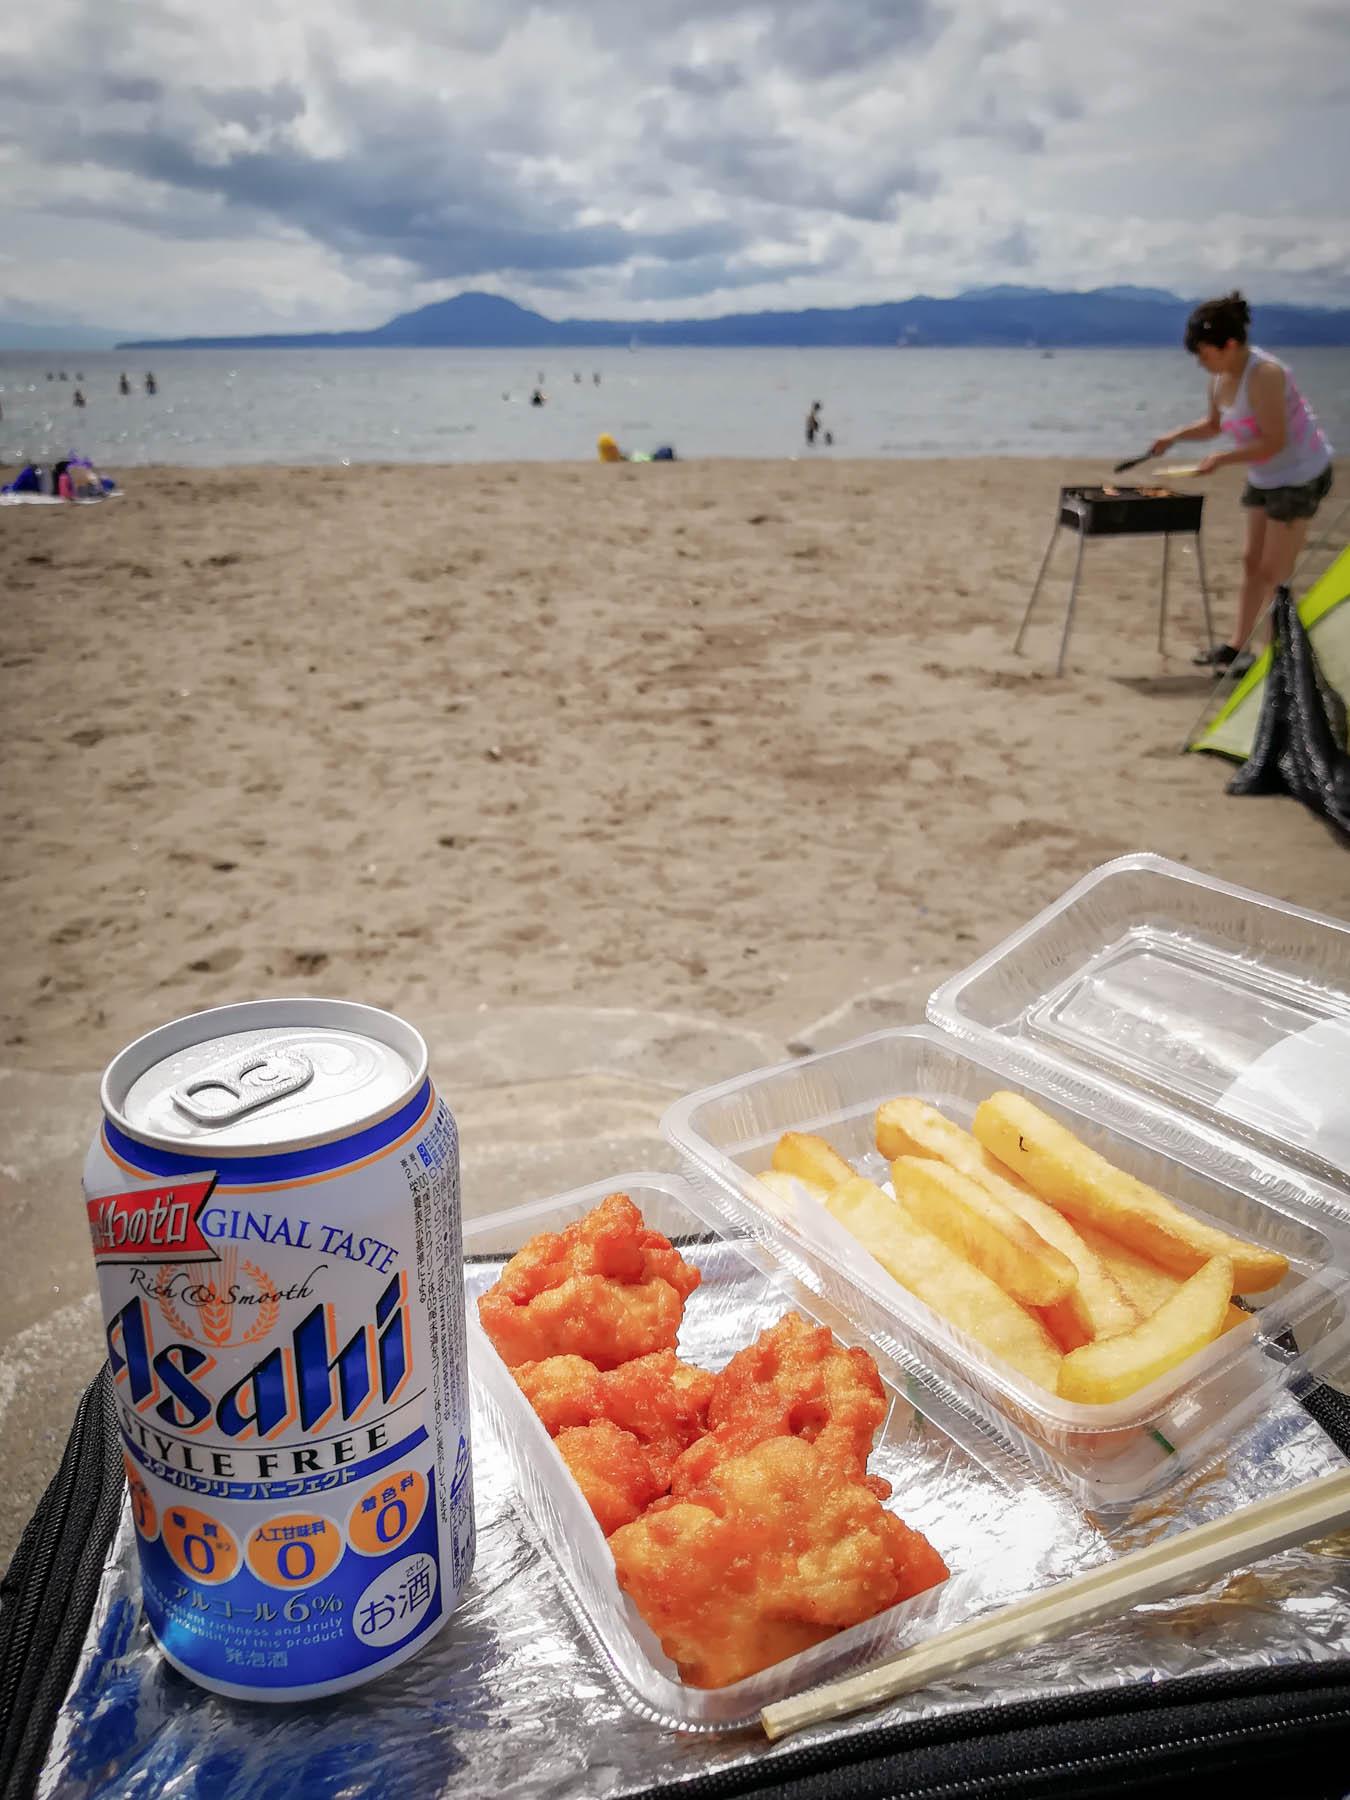 良く冷えたビールと唐揚げとポテトフライと夏の砂浜